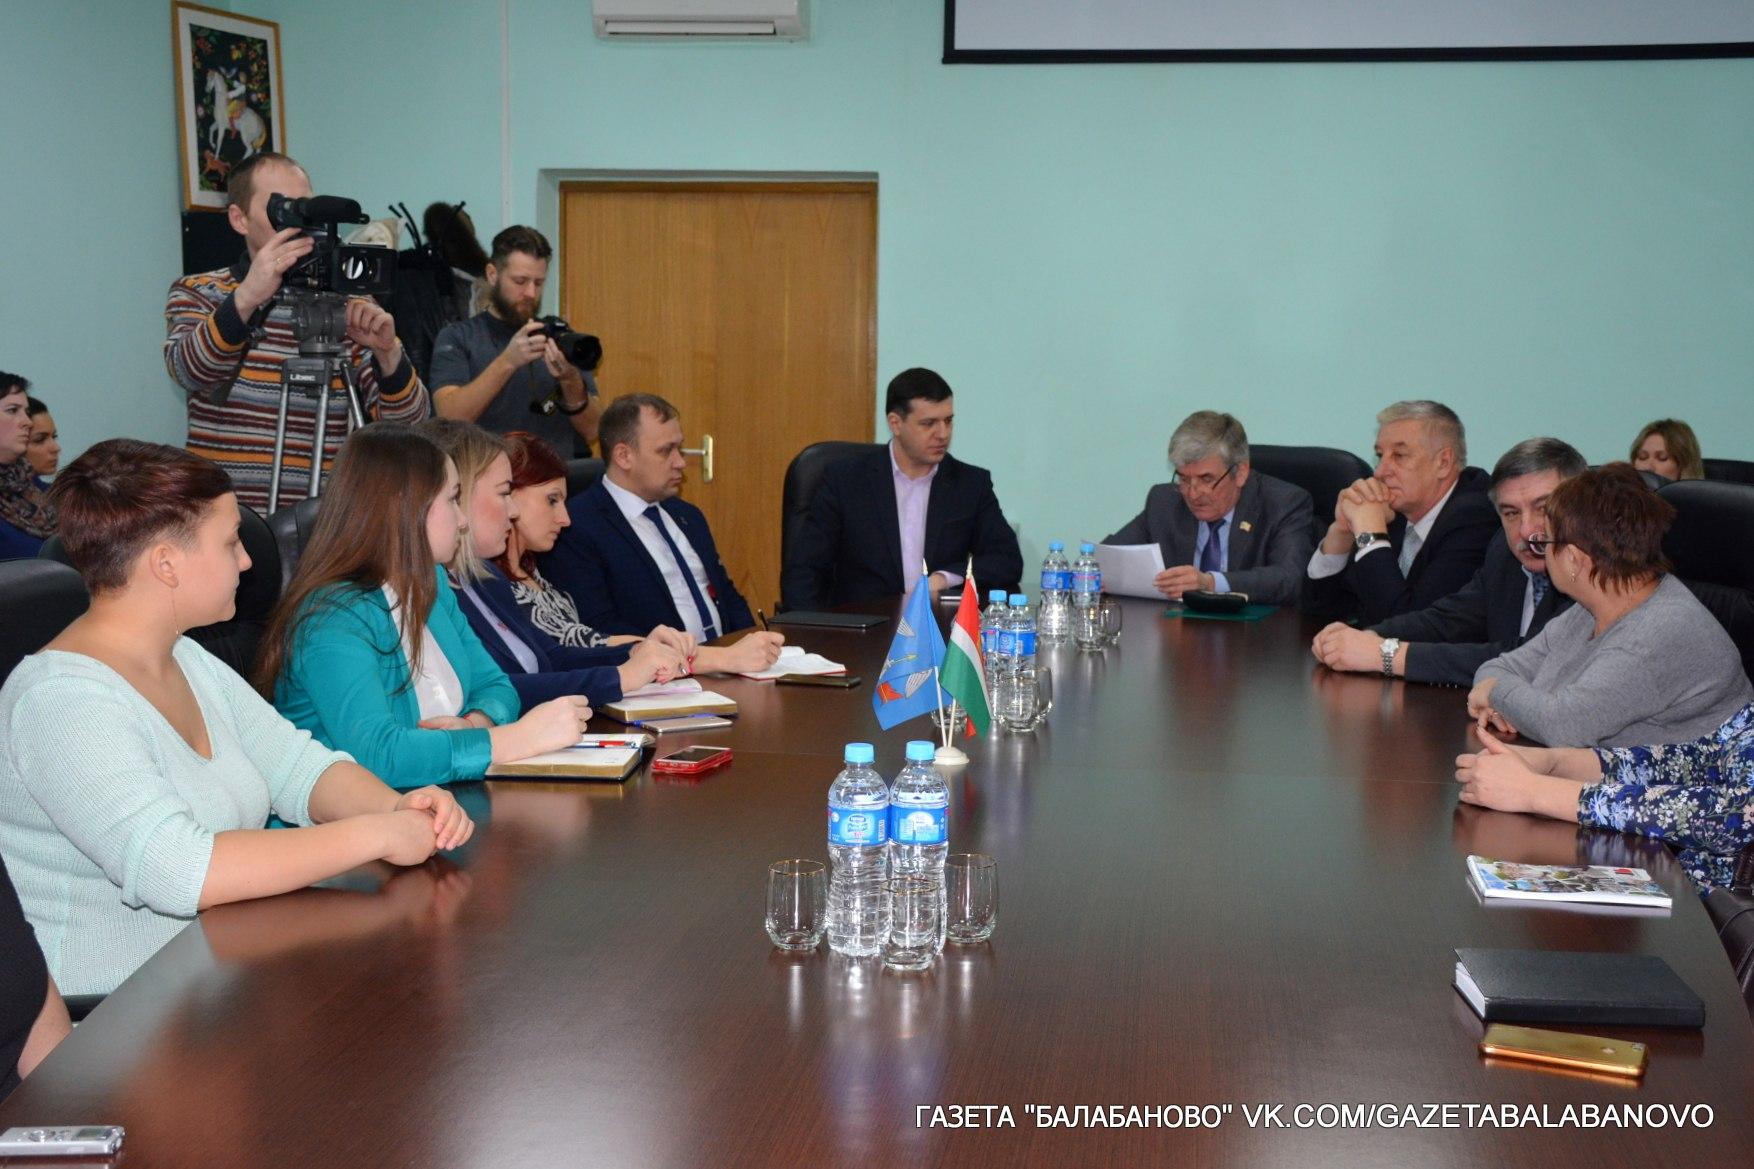 Заместитель председателя Законодательного Собрания Калужской области встретился с молодежью Боровского района